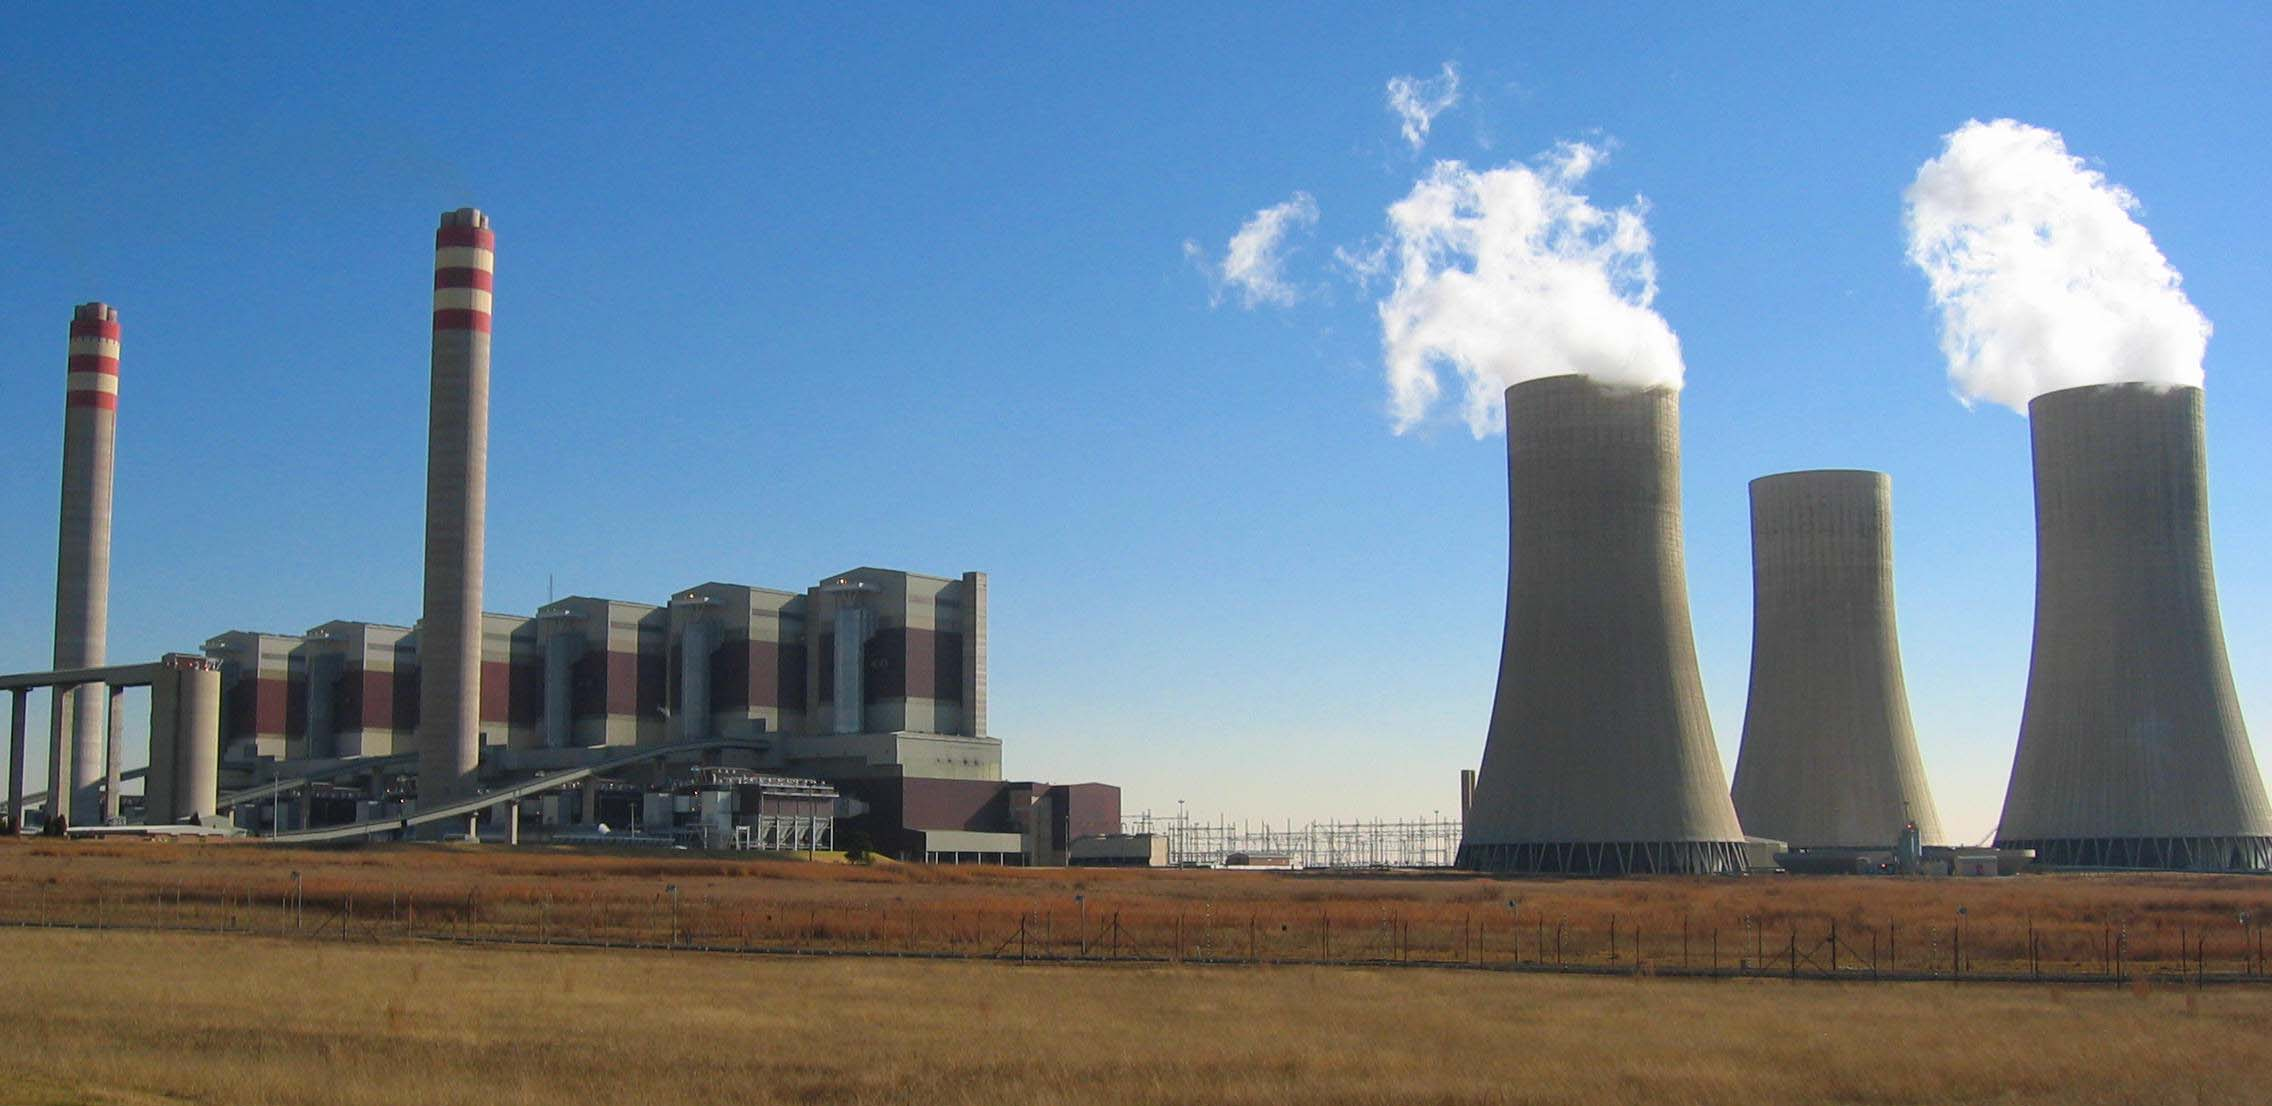 header_coal_fired_power_plants.jpg